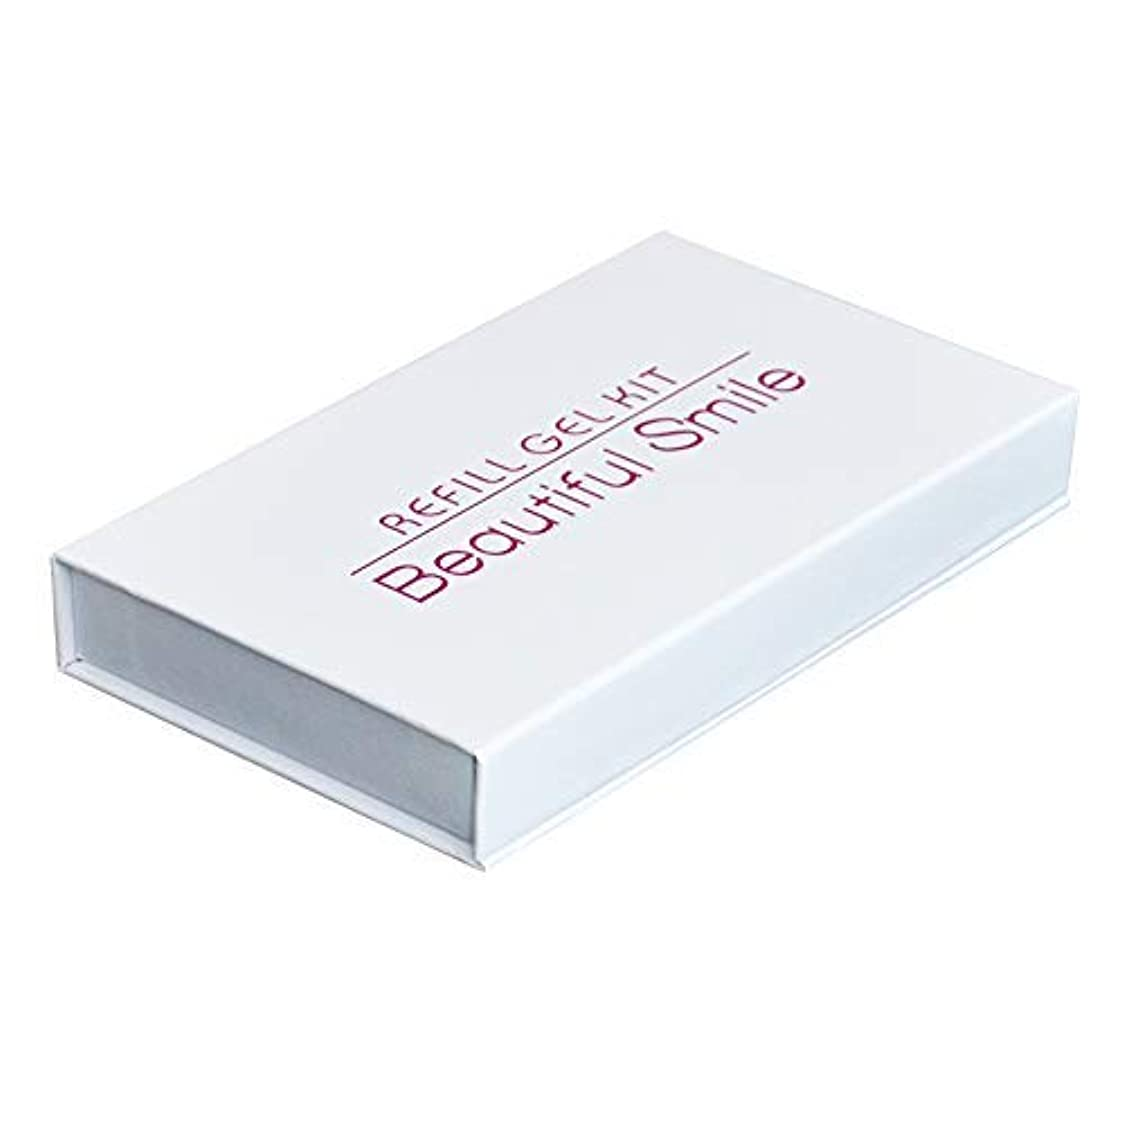 熟練した士気タンク歯のホワイトニングジェル 3個セット 3x3ml (18%過酸化尿配合)